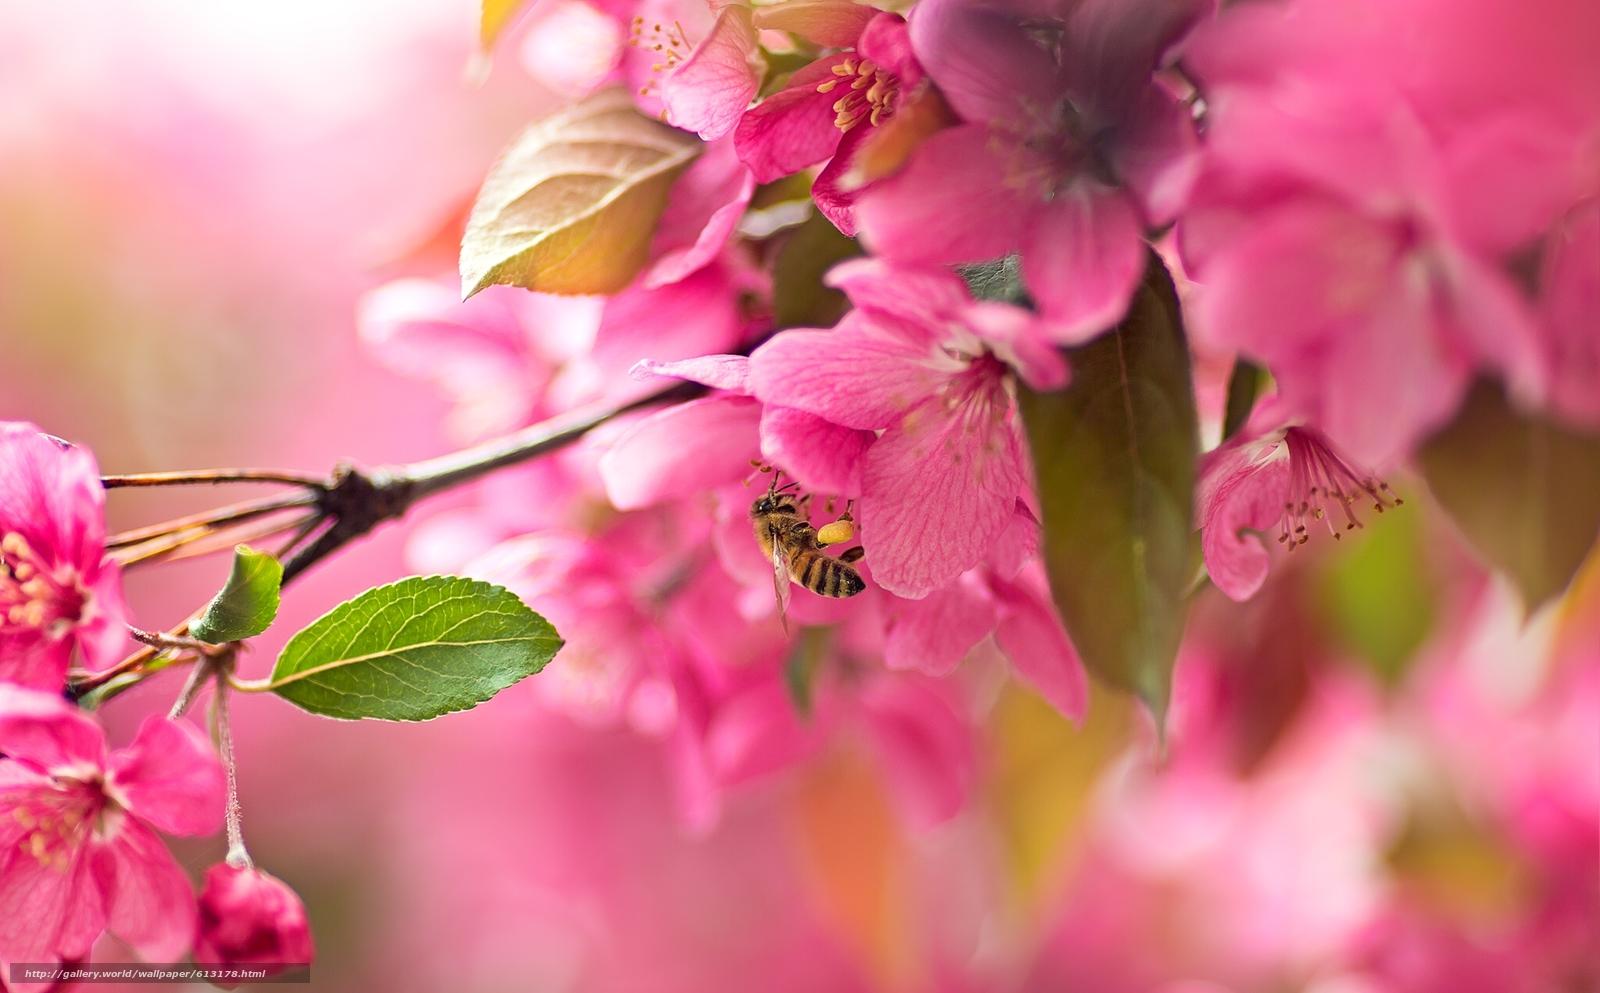 Скачать обои сакура,  вишня,  цветение,  цветки бесплатно для рабочего стола в разрешении 2048x1271 — картинка №613178